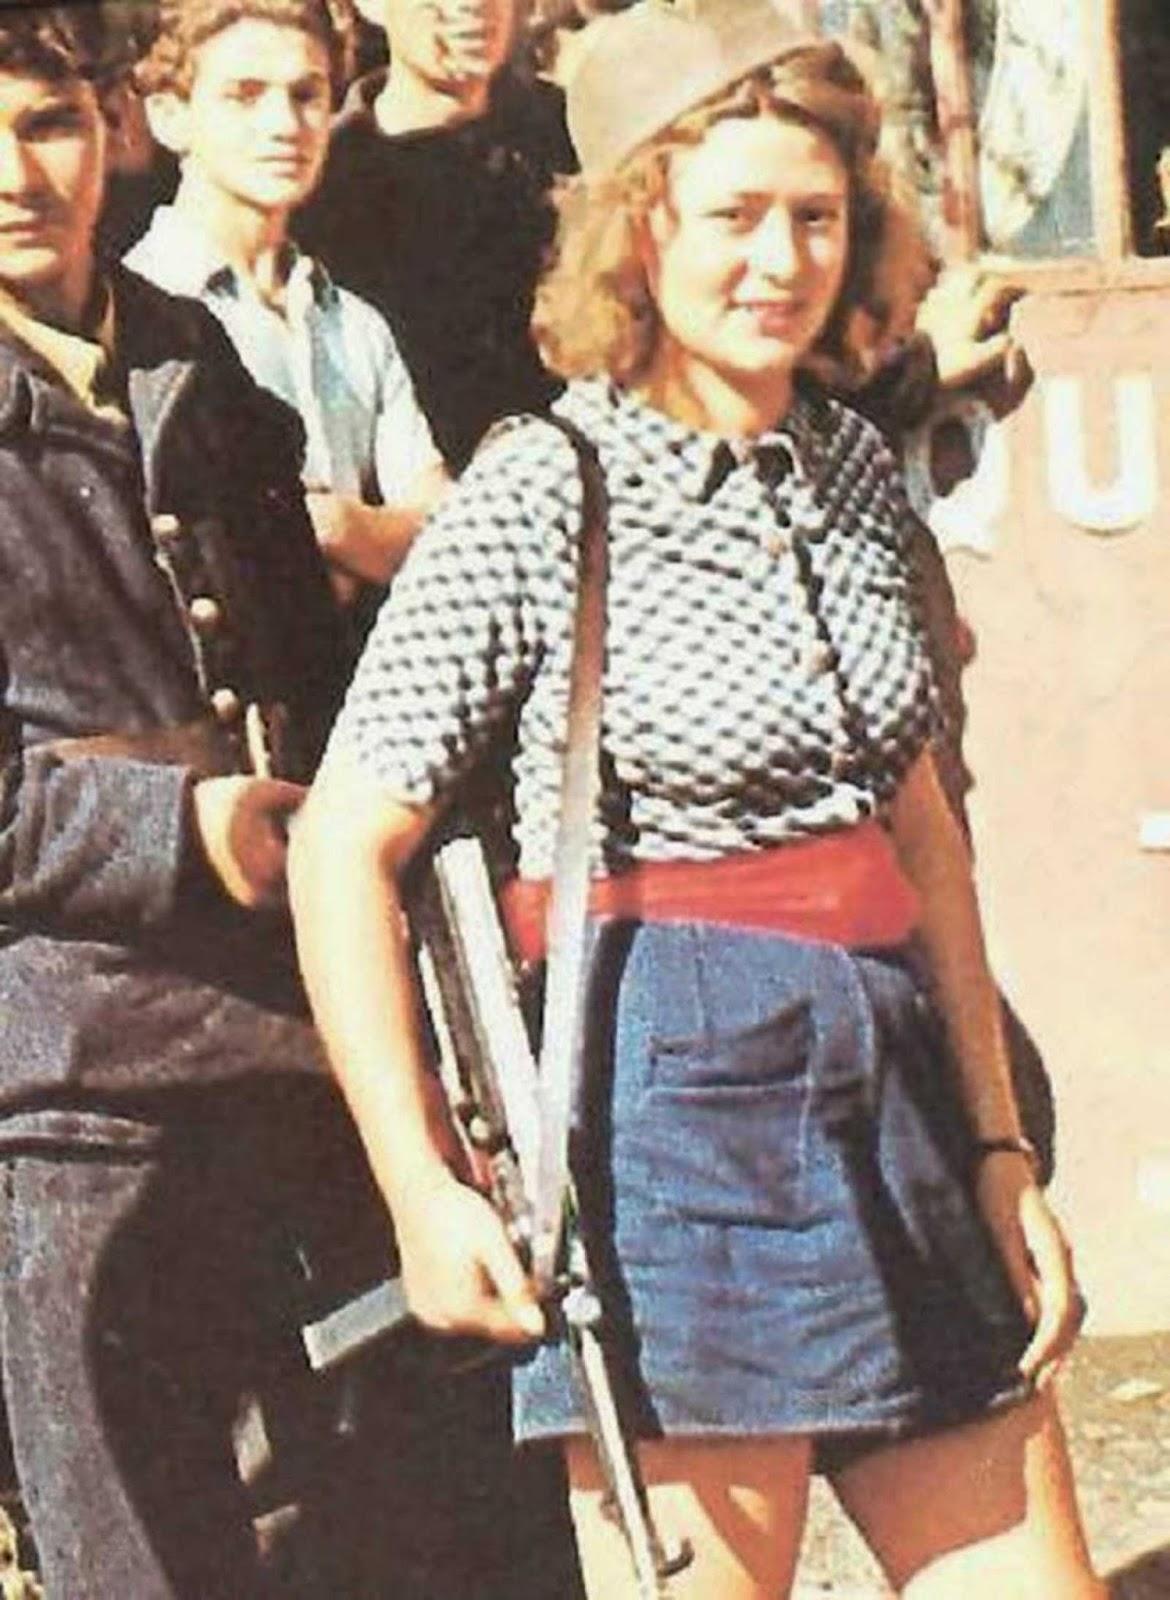 Simone Segouin en la película de 1944 de George Stevens. Inmortaliza a Simone, de 18 años, poco después de que ella ayudó a capturar a 25 soldados alemanes en su aldea natal de Thivars, al suroeste de París.